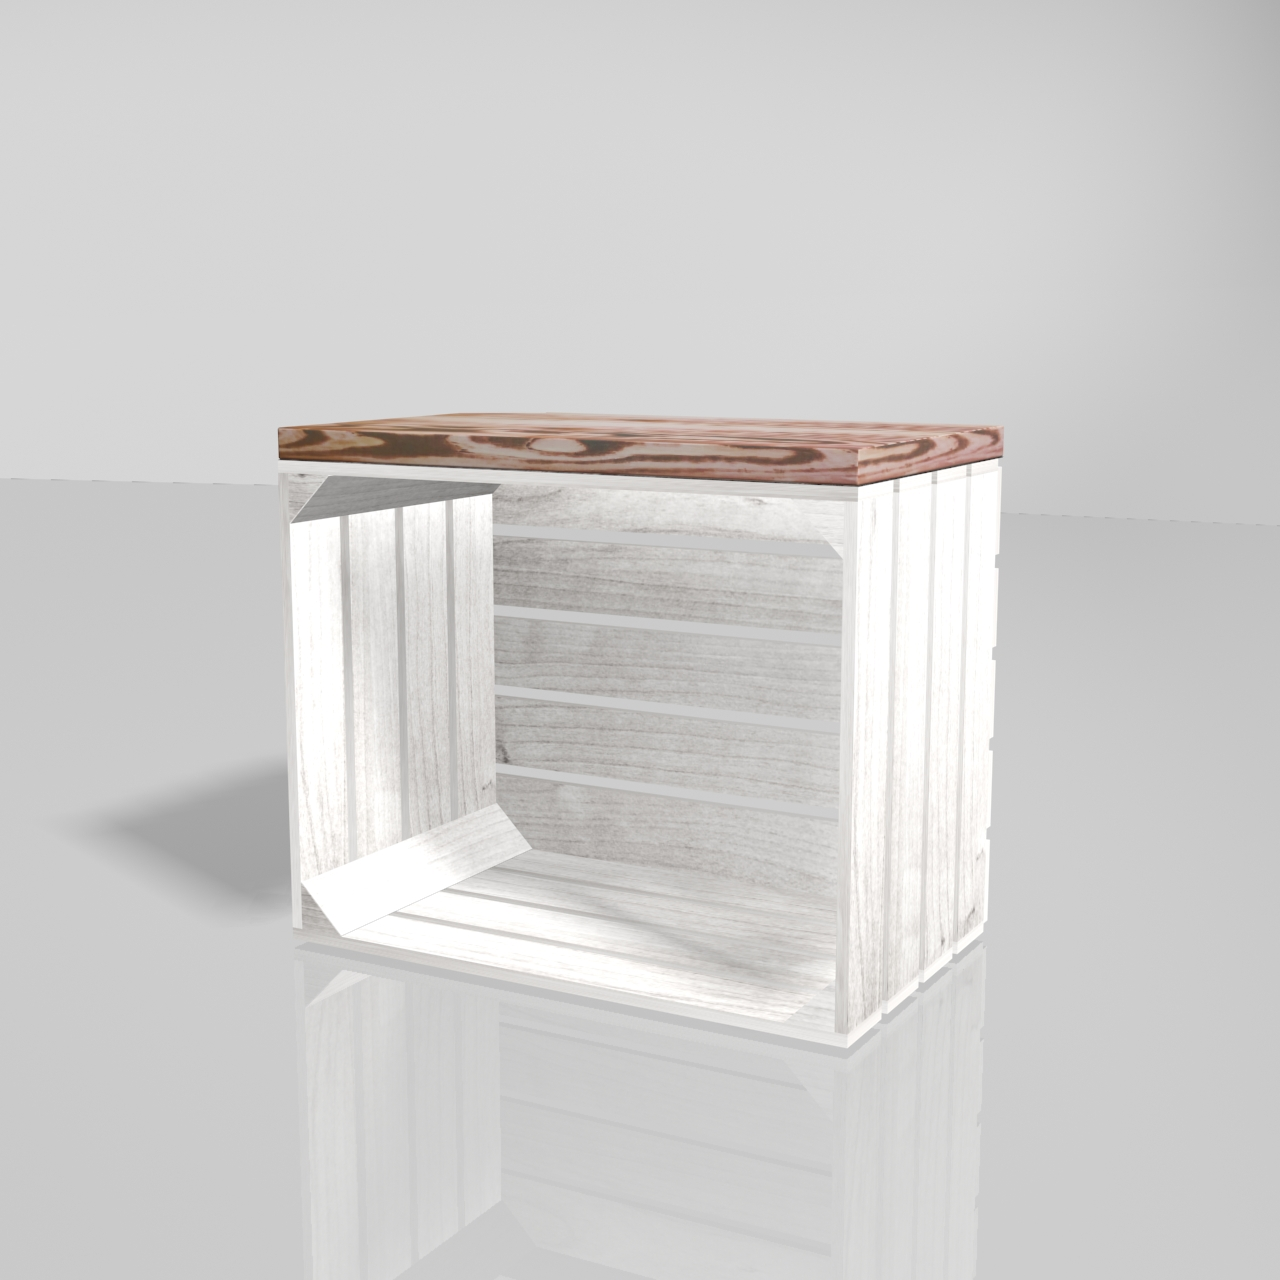 Obstkiste aus weißem Holz mit aufgesetztem Bohlenbrett in geflammter Optik 50x40x30cm